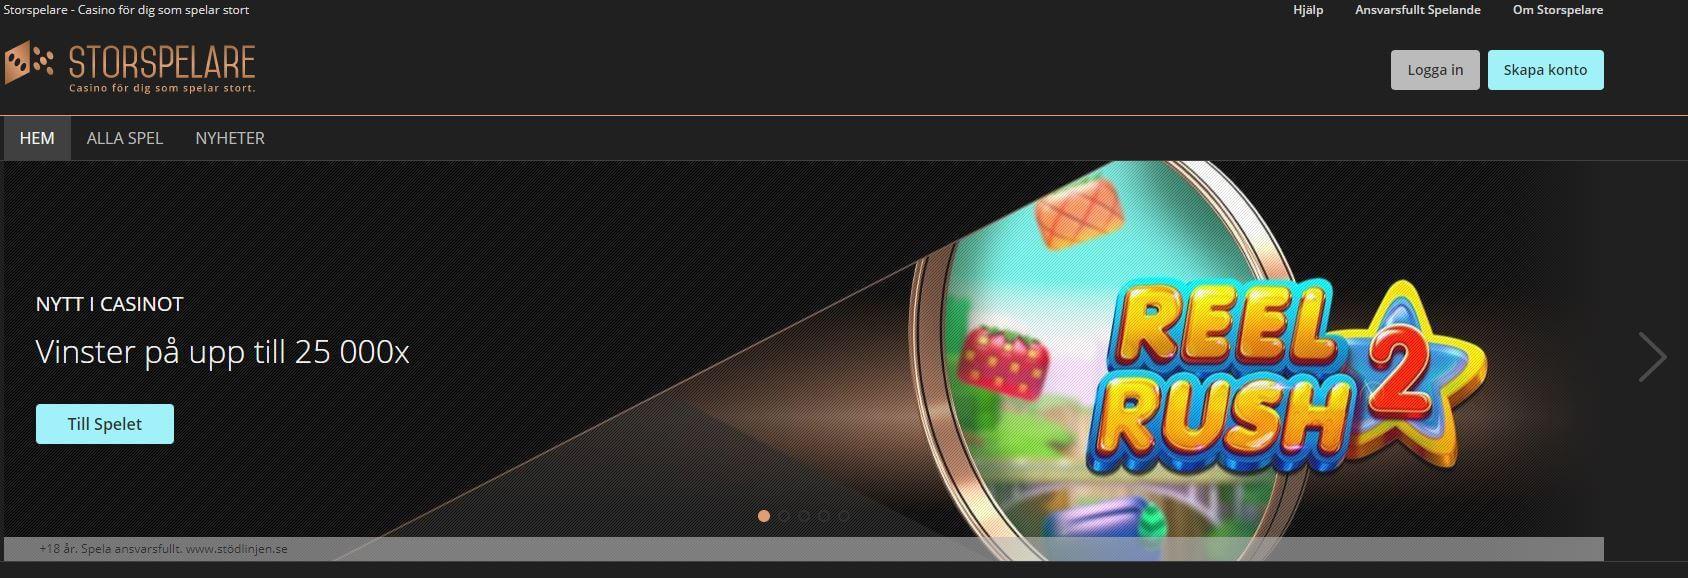 Casino med smsbill 431066